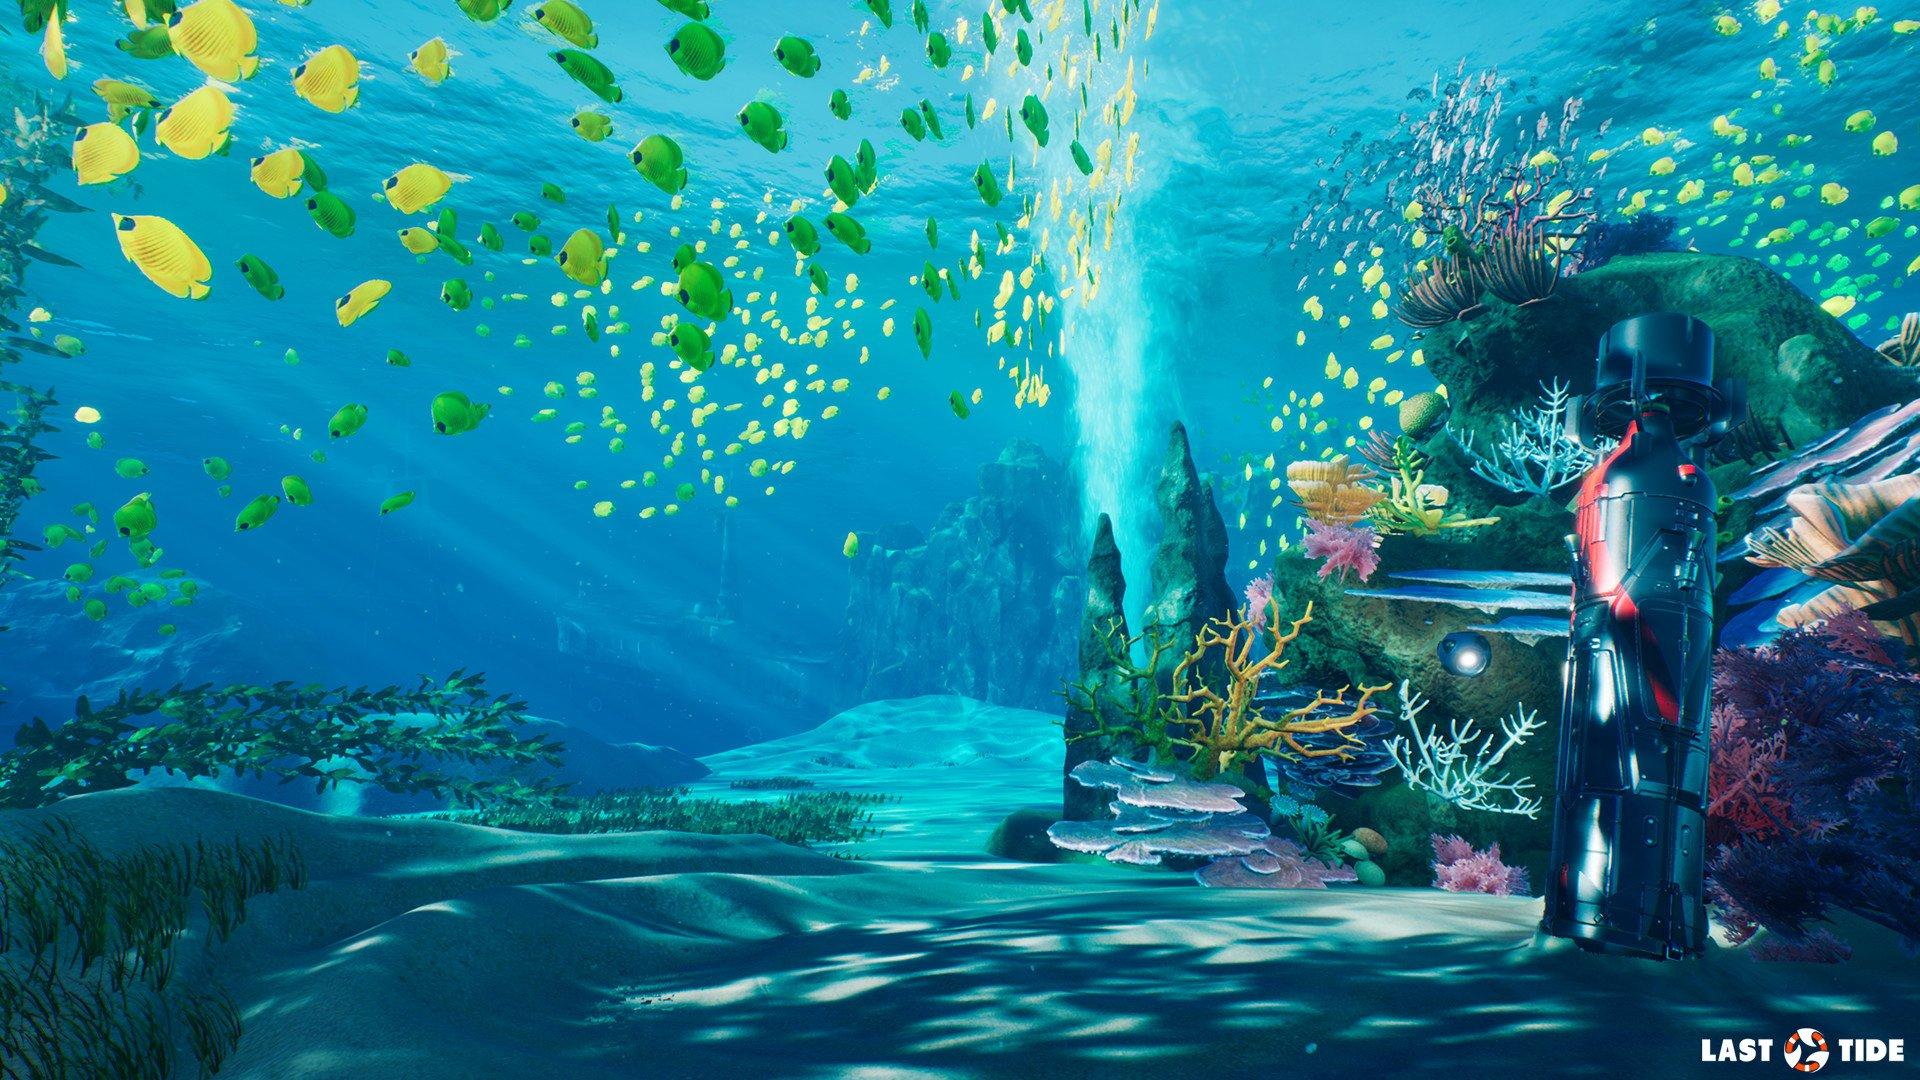 Fish Tank 3d Wallpaper Download Last Tide Aquatic Royale 2018 Hd Wallpaper Background